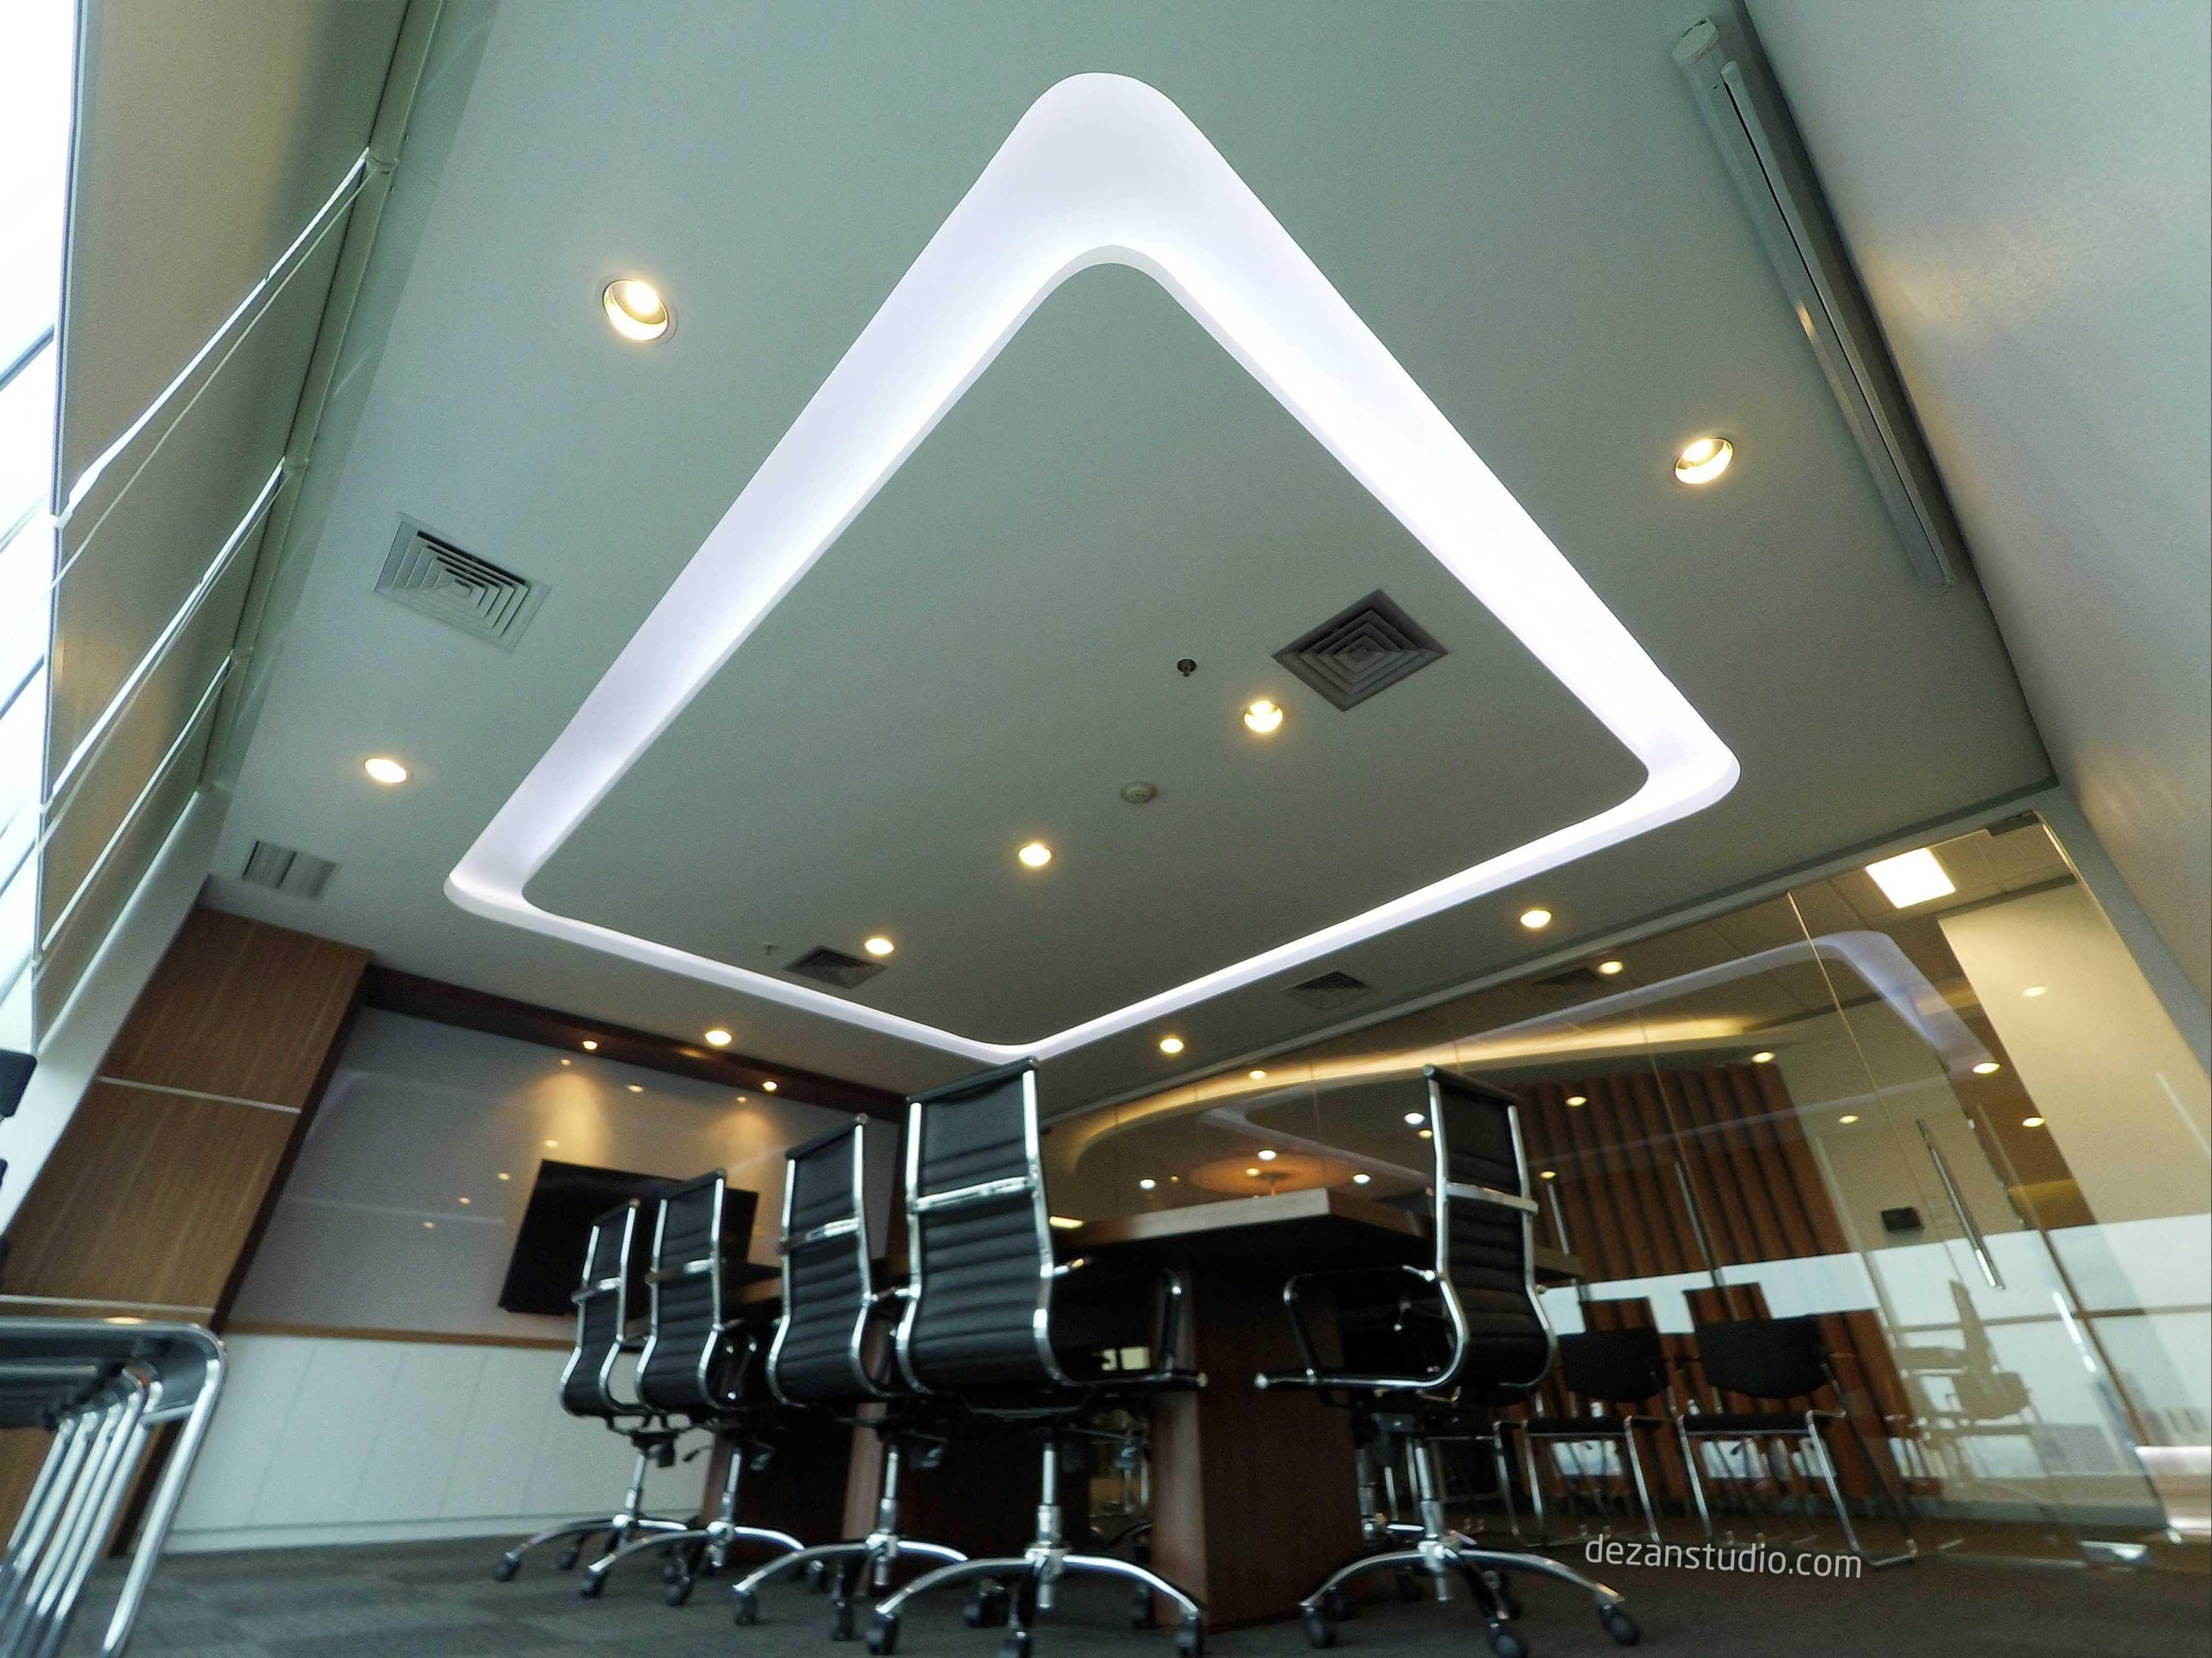 Dezan Studio Mane Office K-Link Tower, Jakarta K-Link Tower, Jakarta Meeting Room Modern  15111